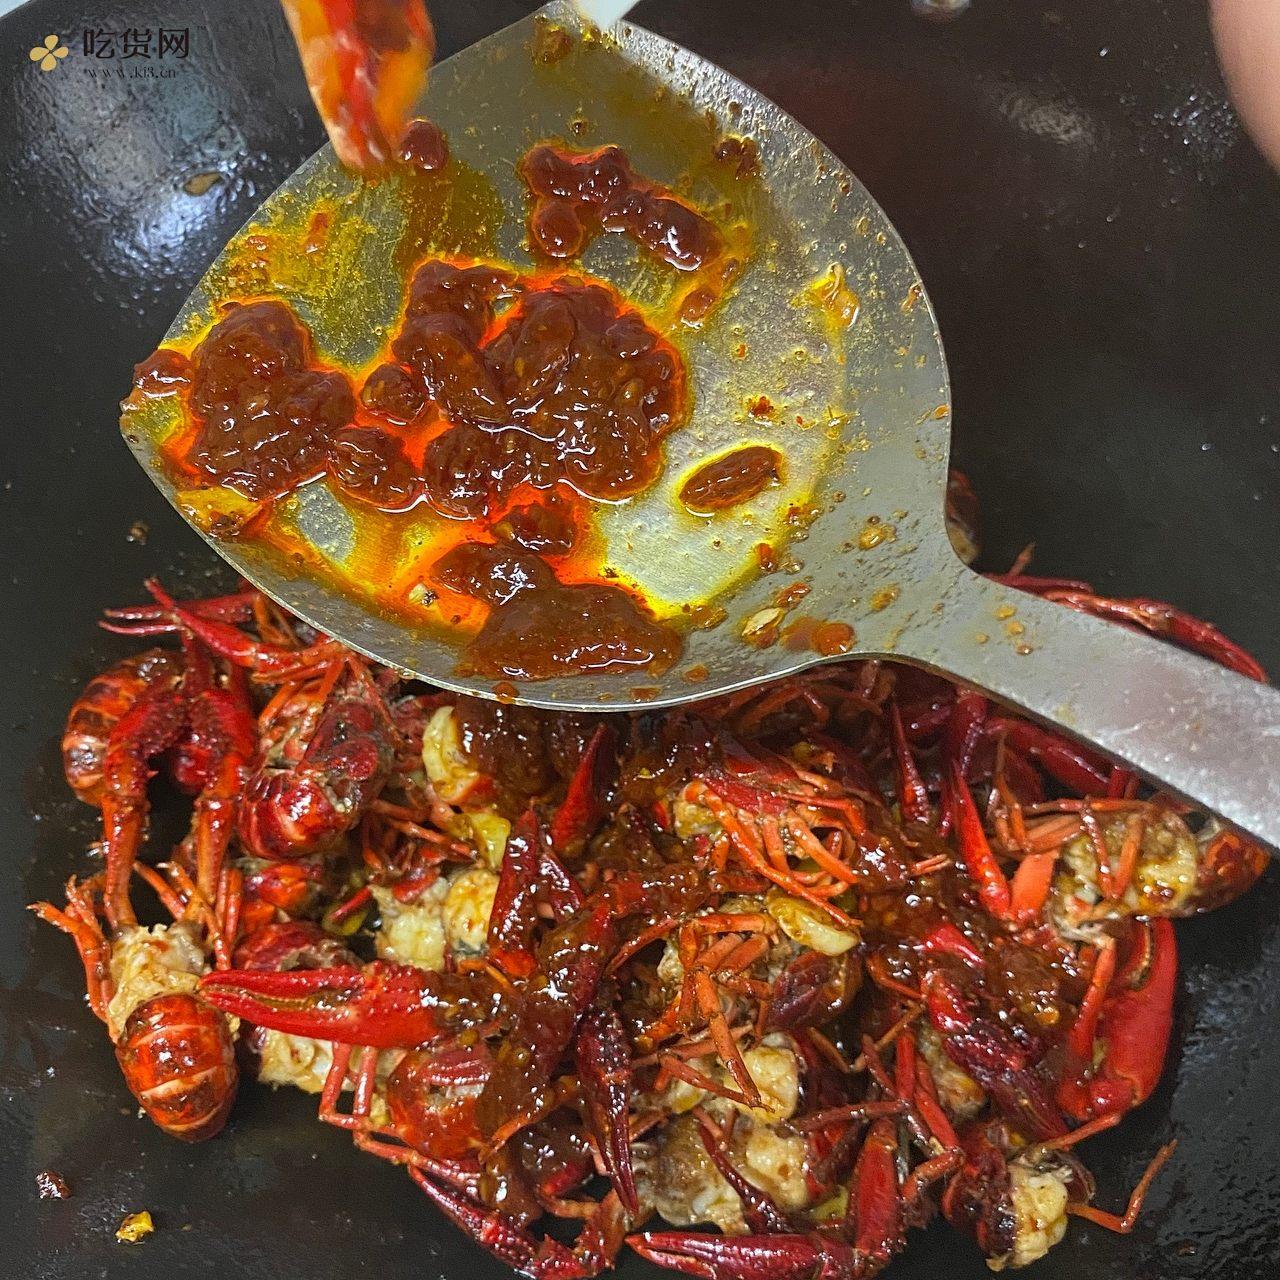 新手也能做的麻辣小龙虾的做法 步骤5